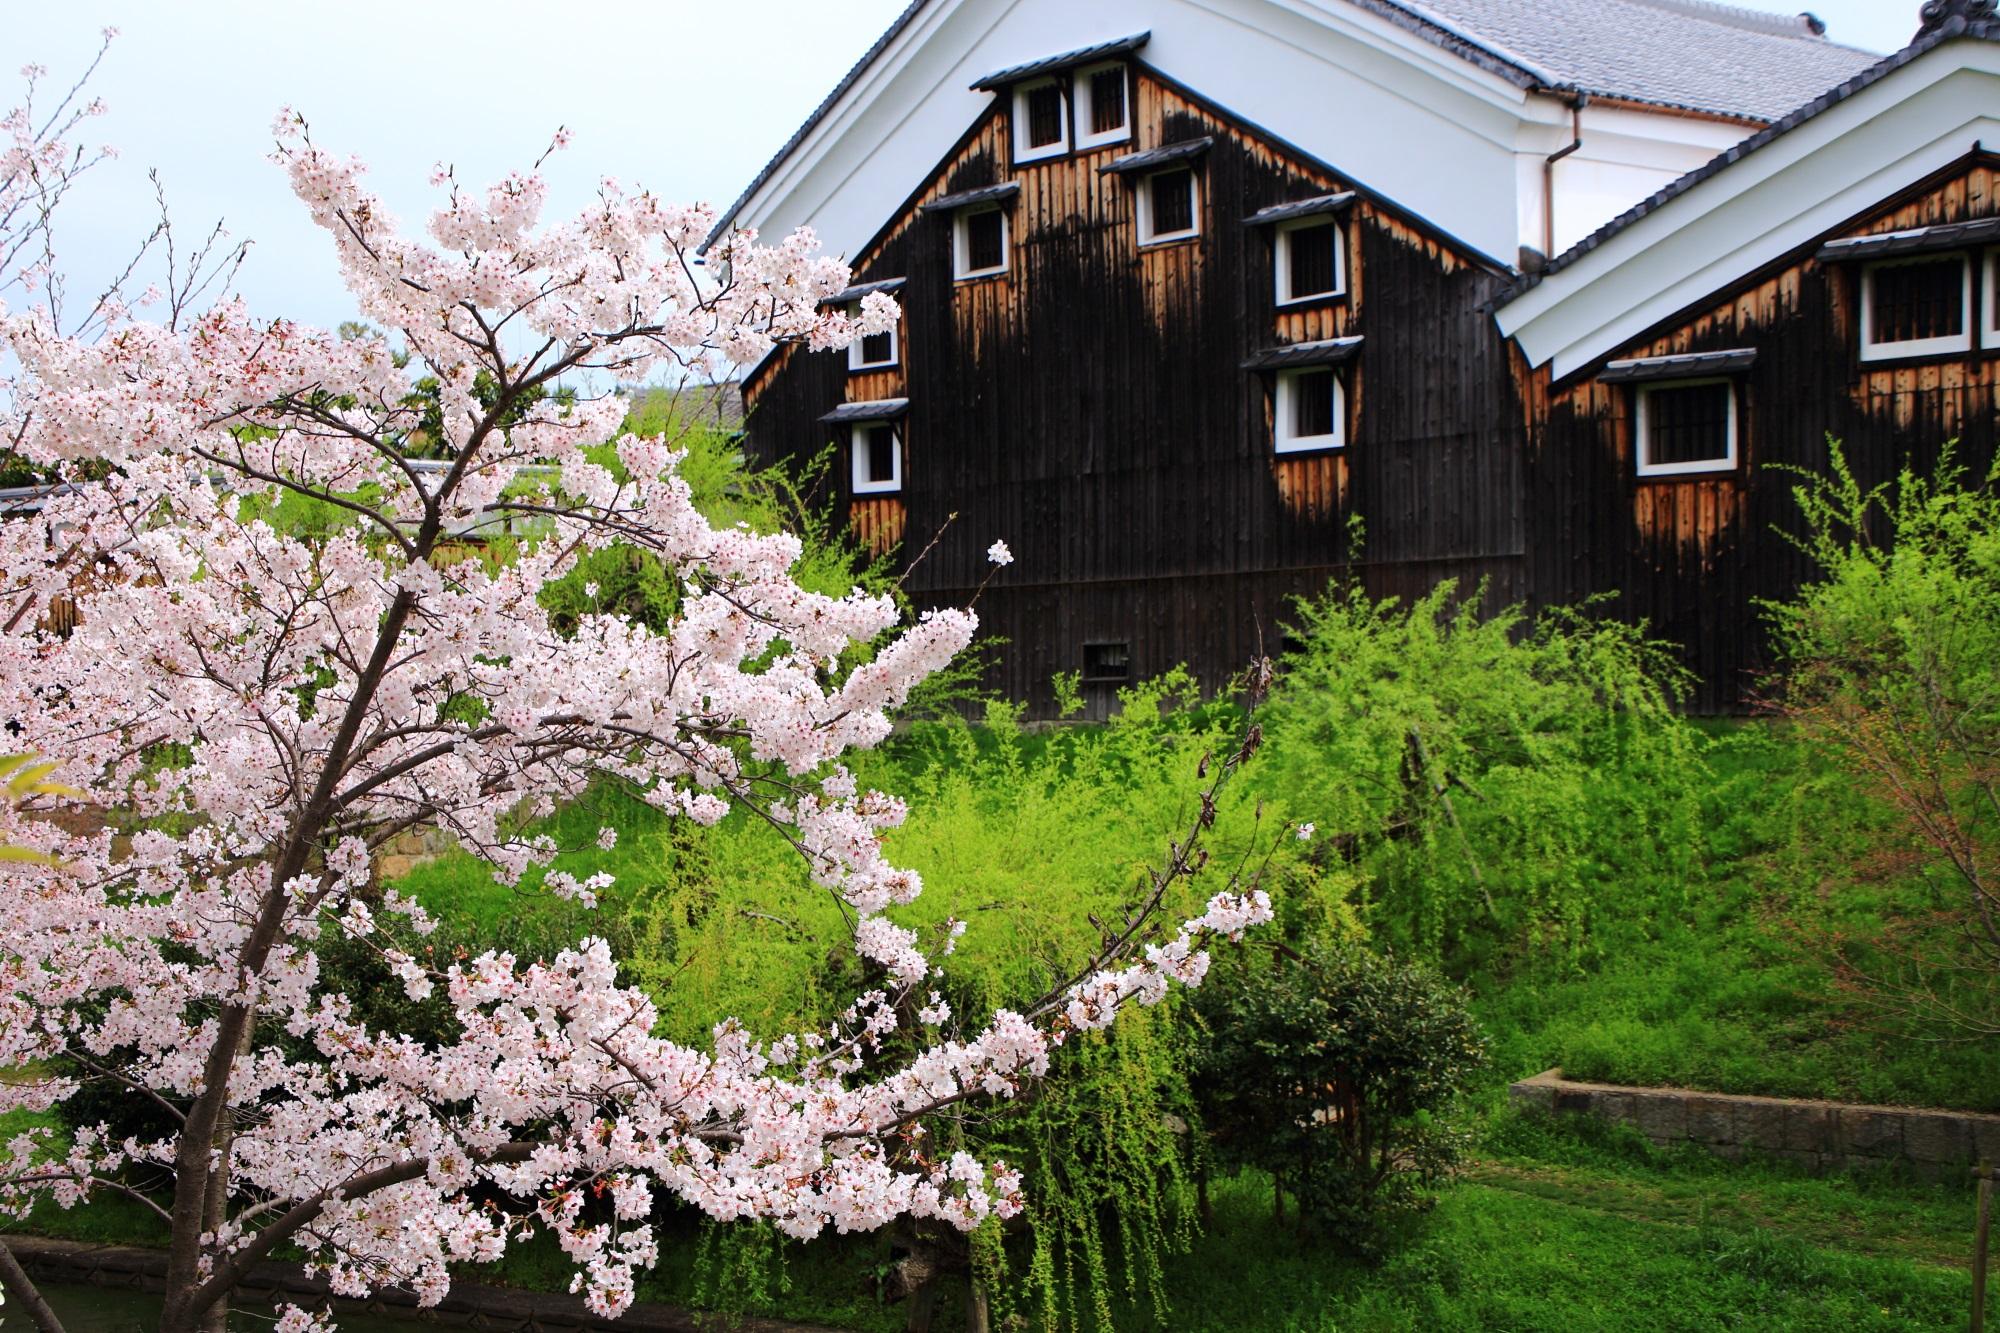 月桂冠大倉記念館と桜